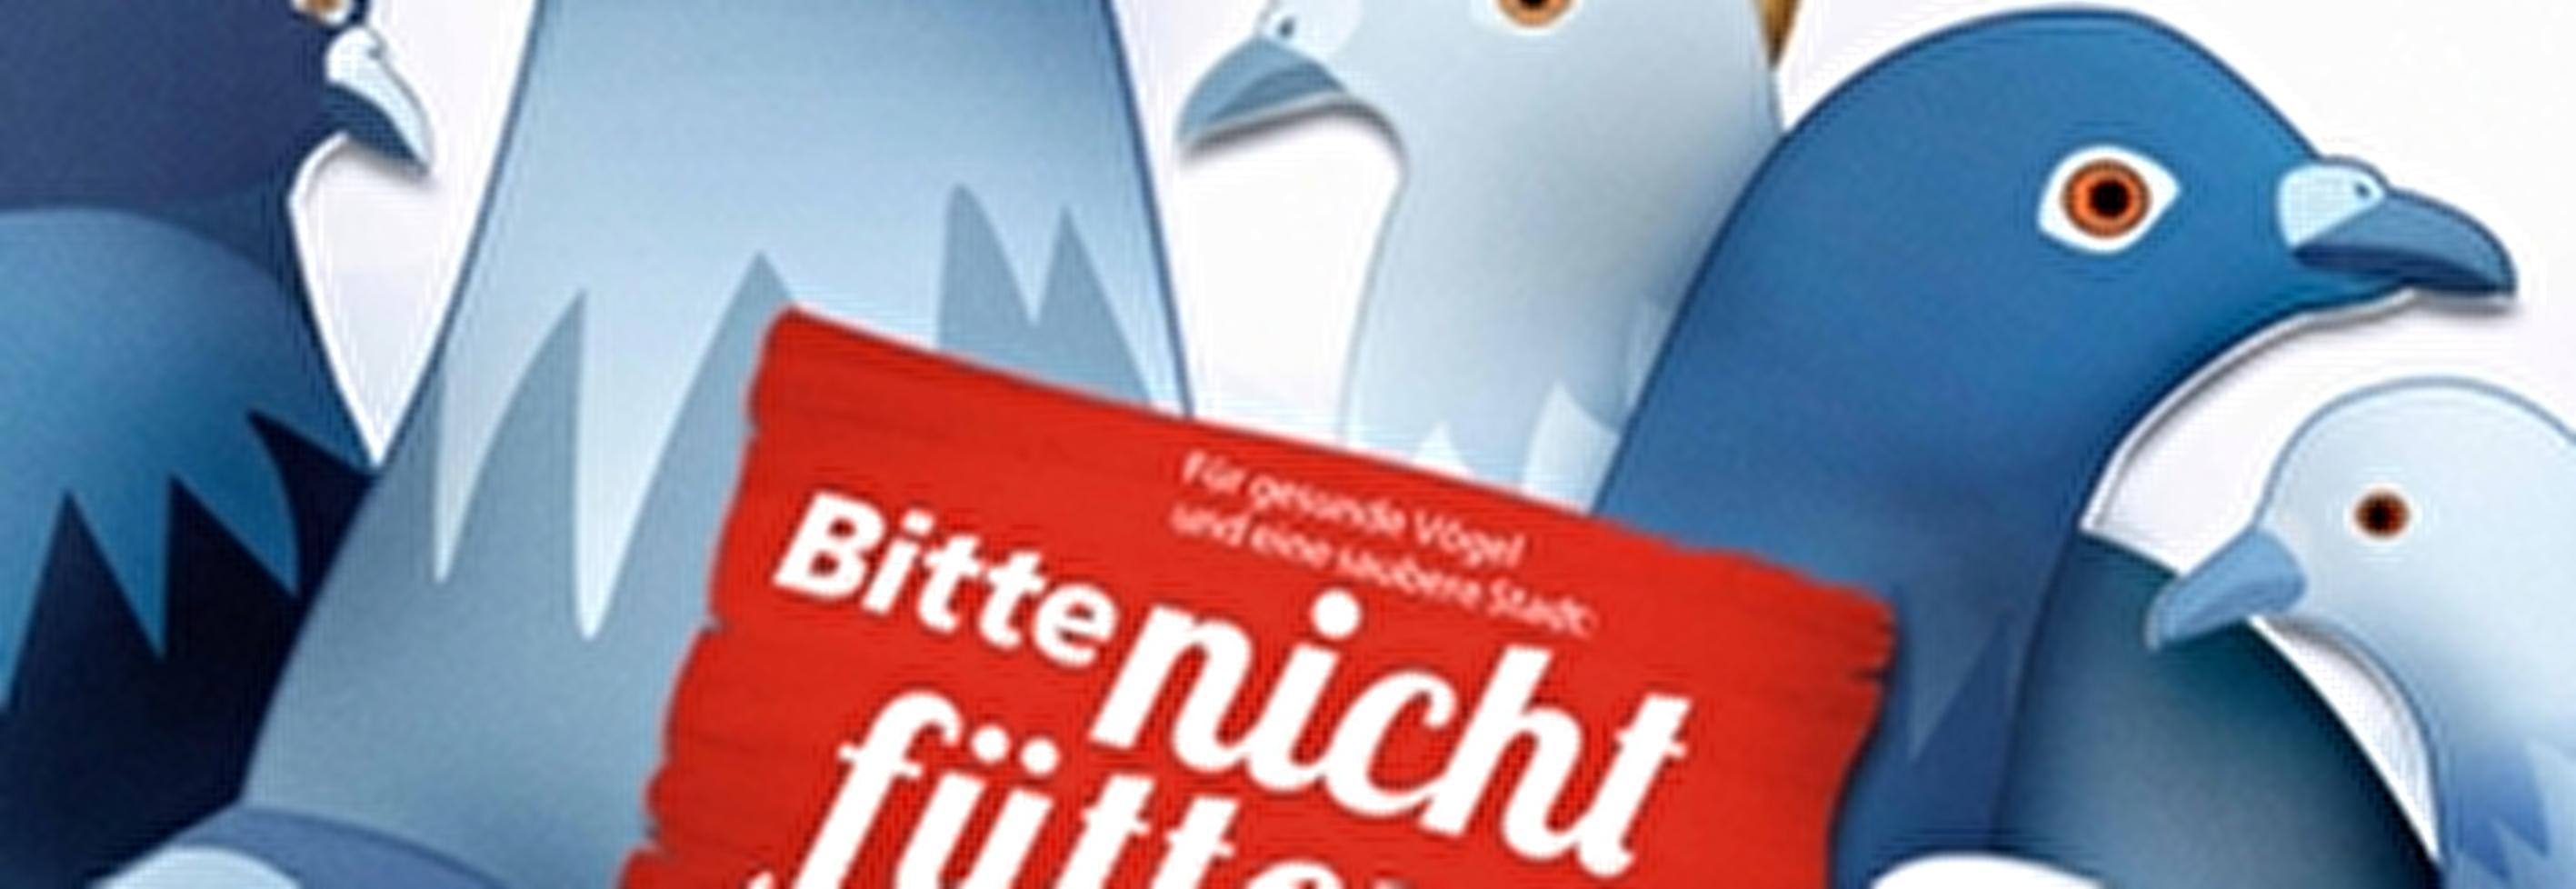 Tauben und Schwaene: Bitte nicht fuettern!